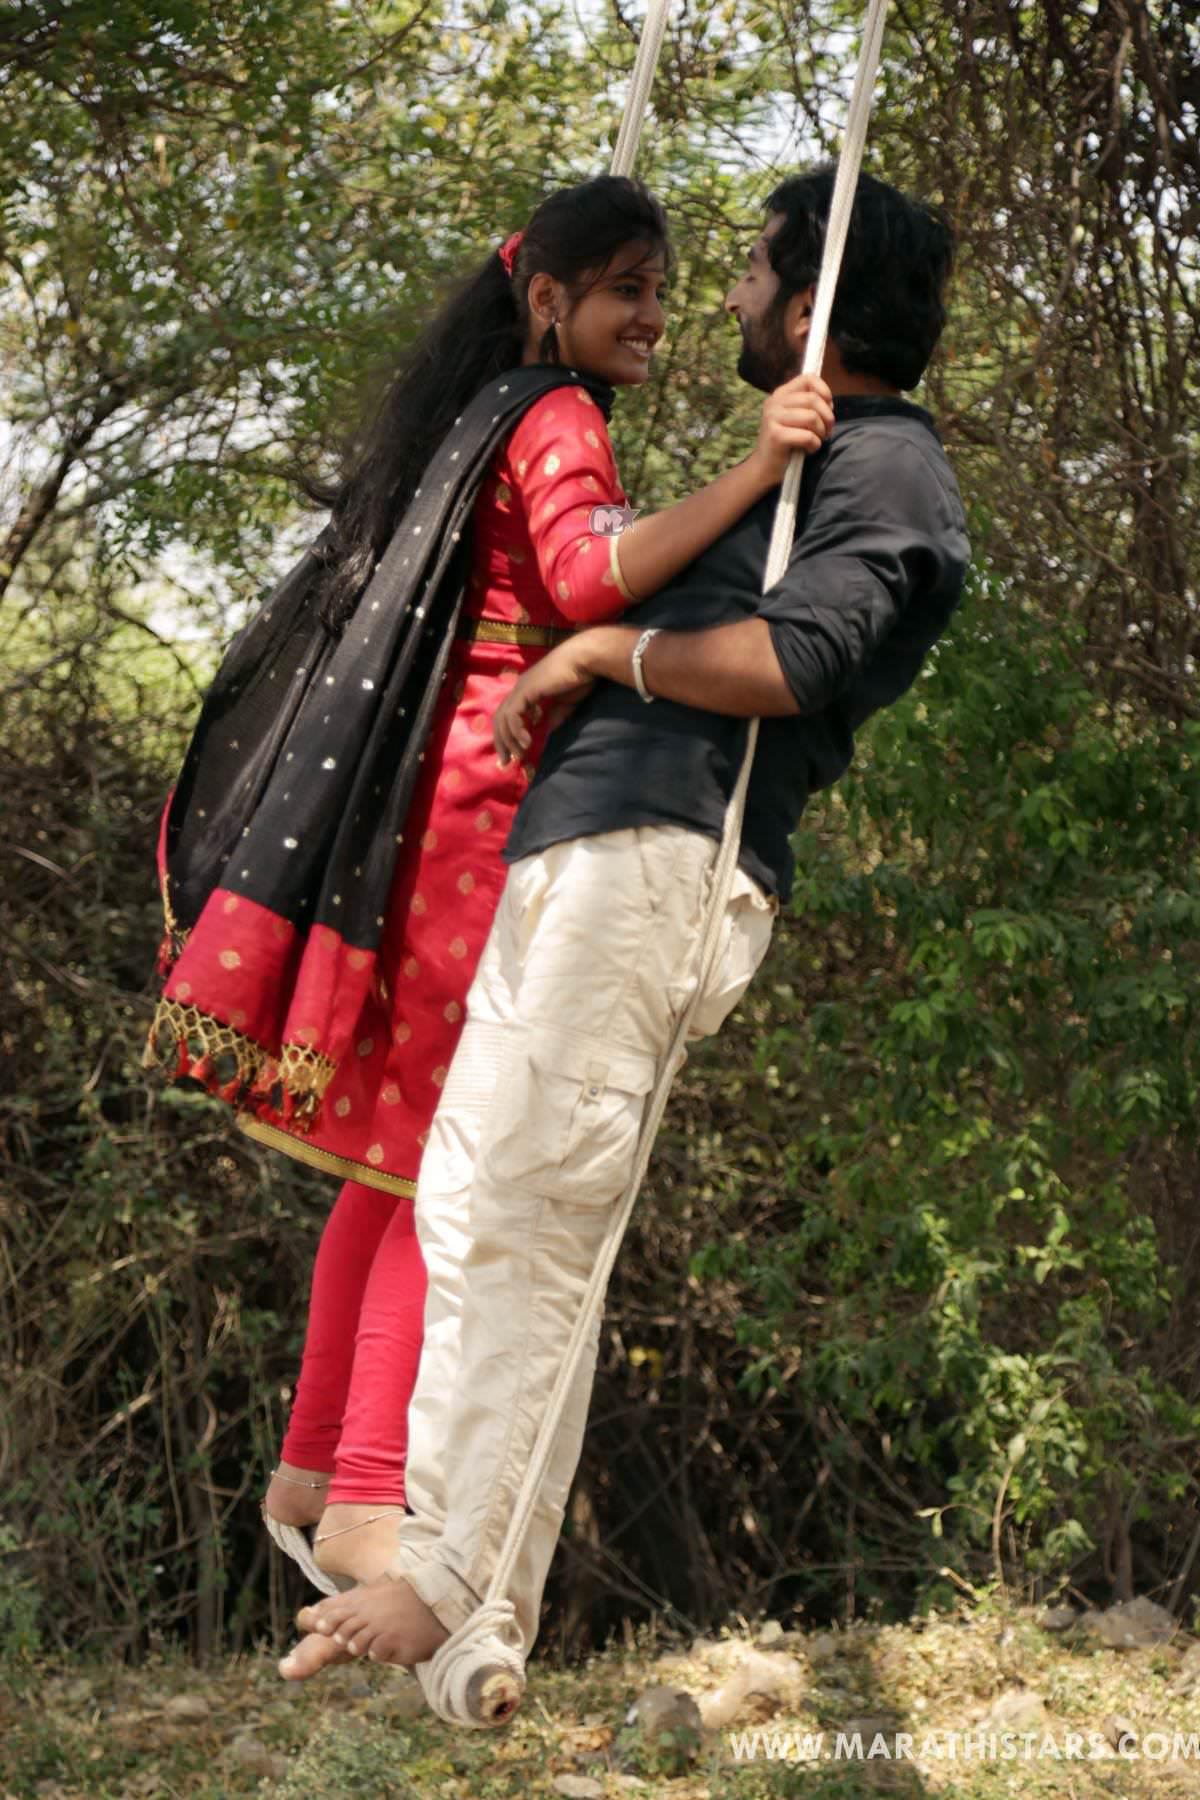 baban marathi movie online free download